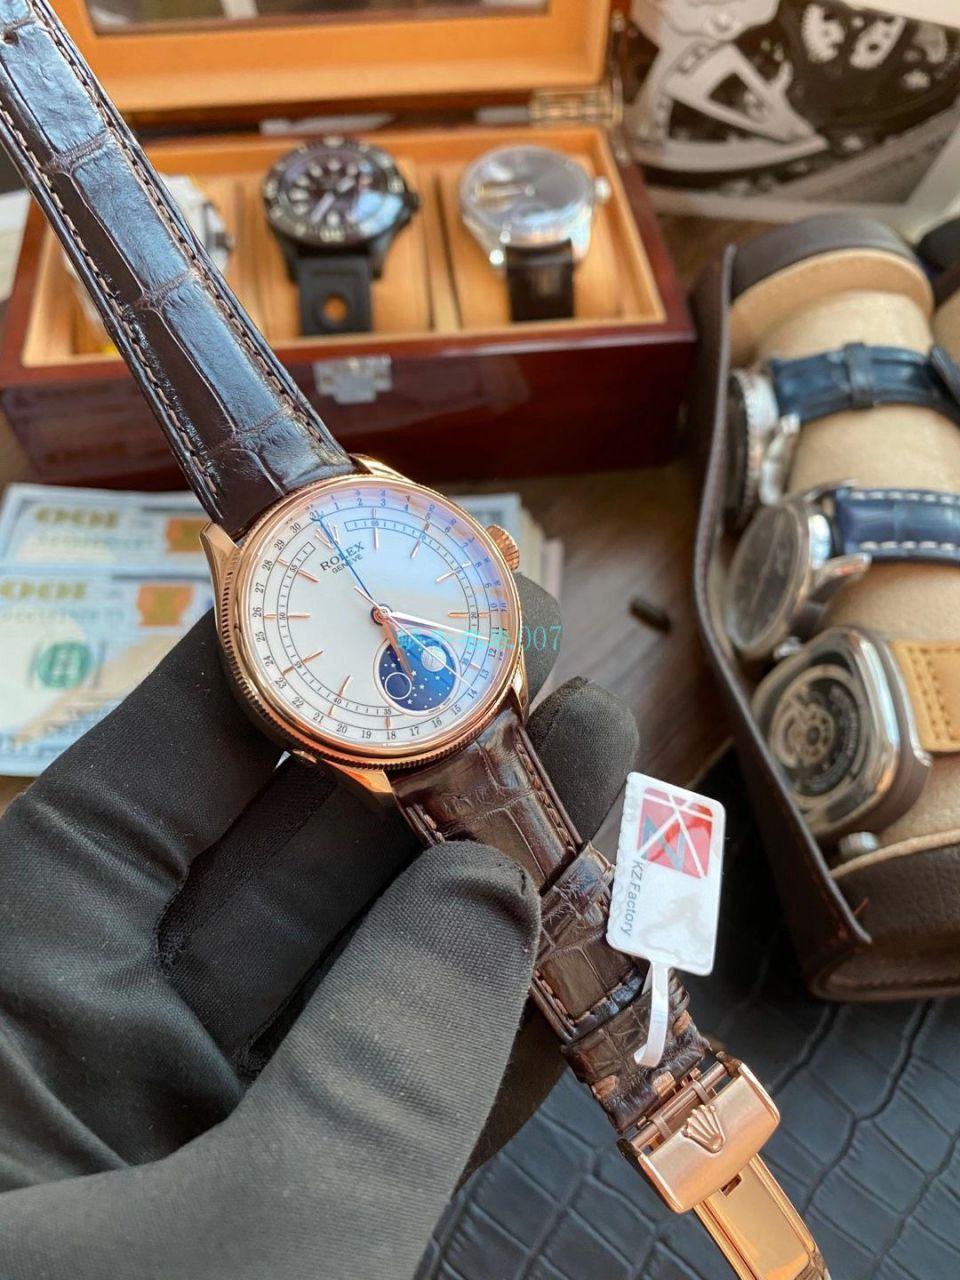 KZ厂1比1高仿手表劳力士超级切利尼m50535-0002腕表 / R657